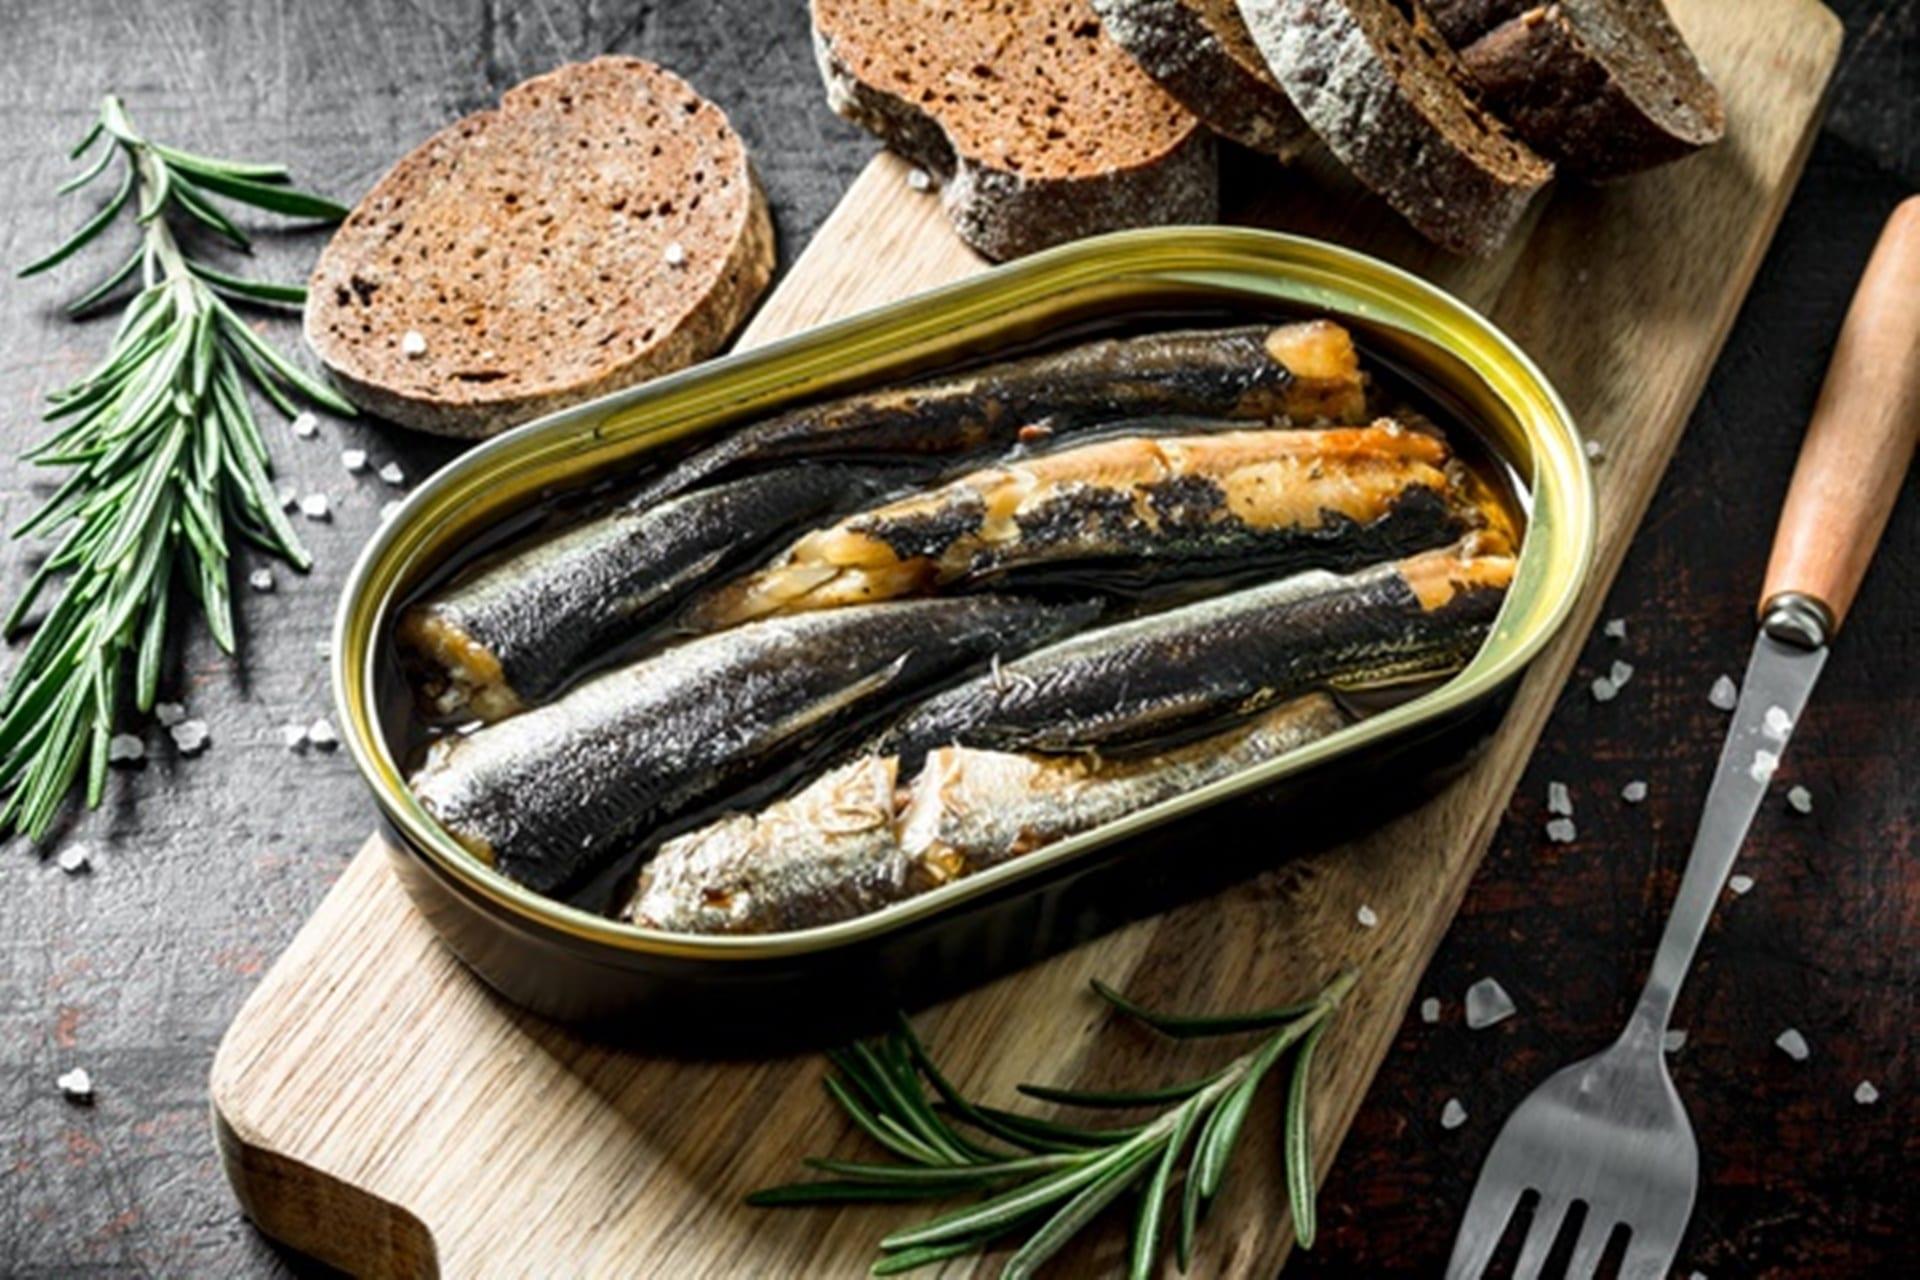 イワシの缶詰で手軽に魚不足解消!豊富な栄養素は缶詰随一!?